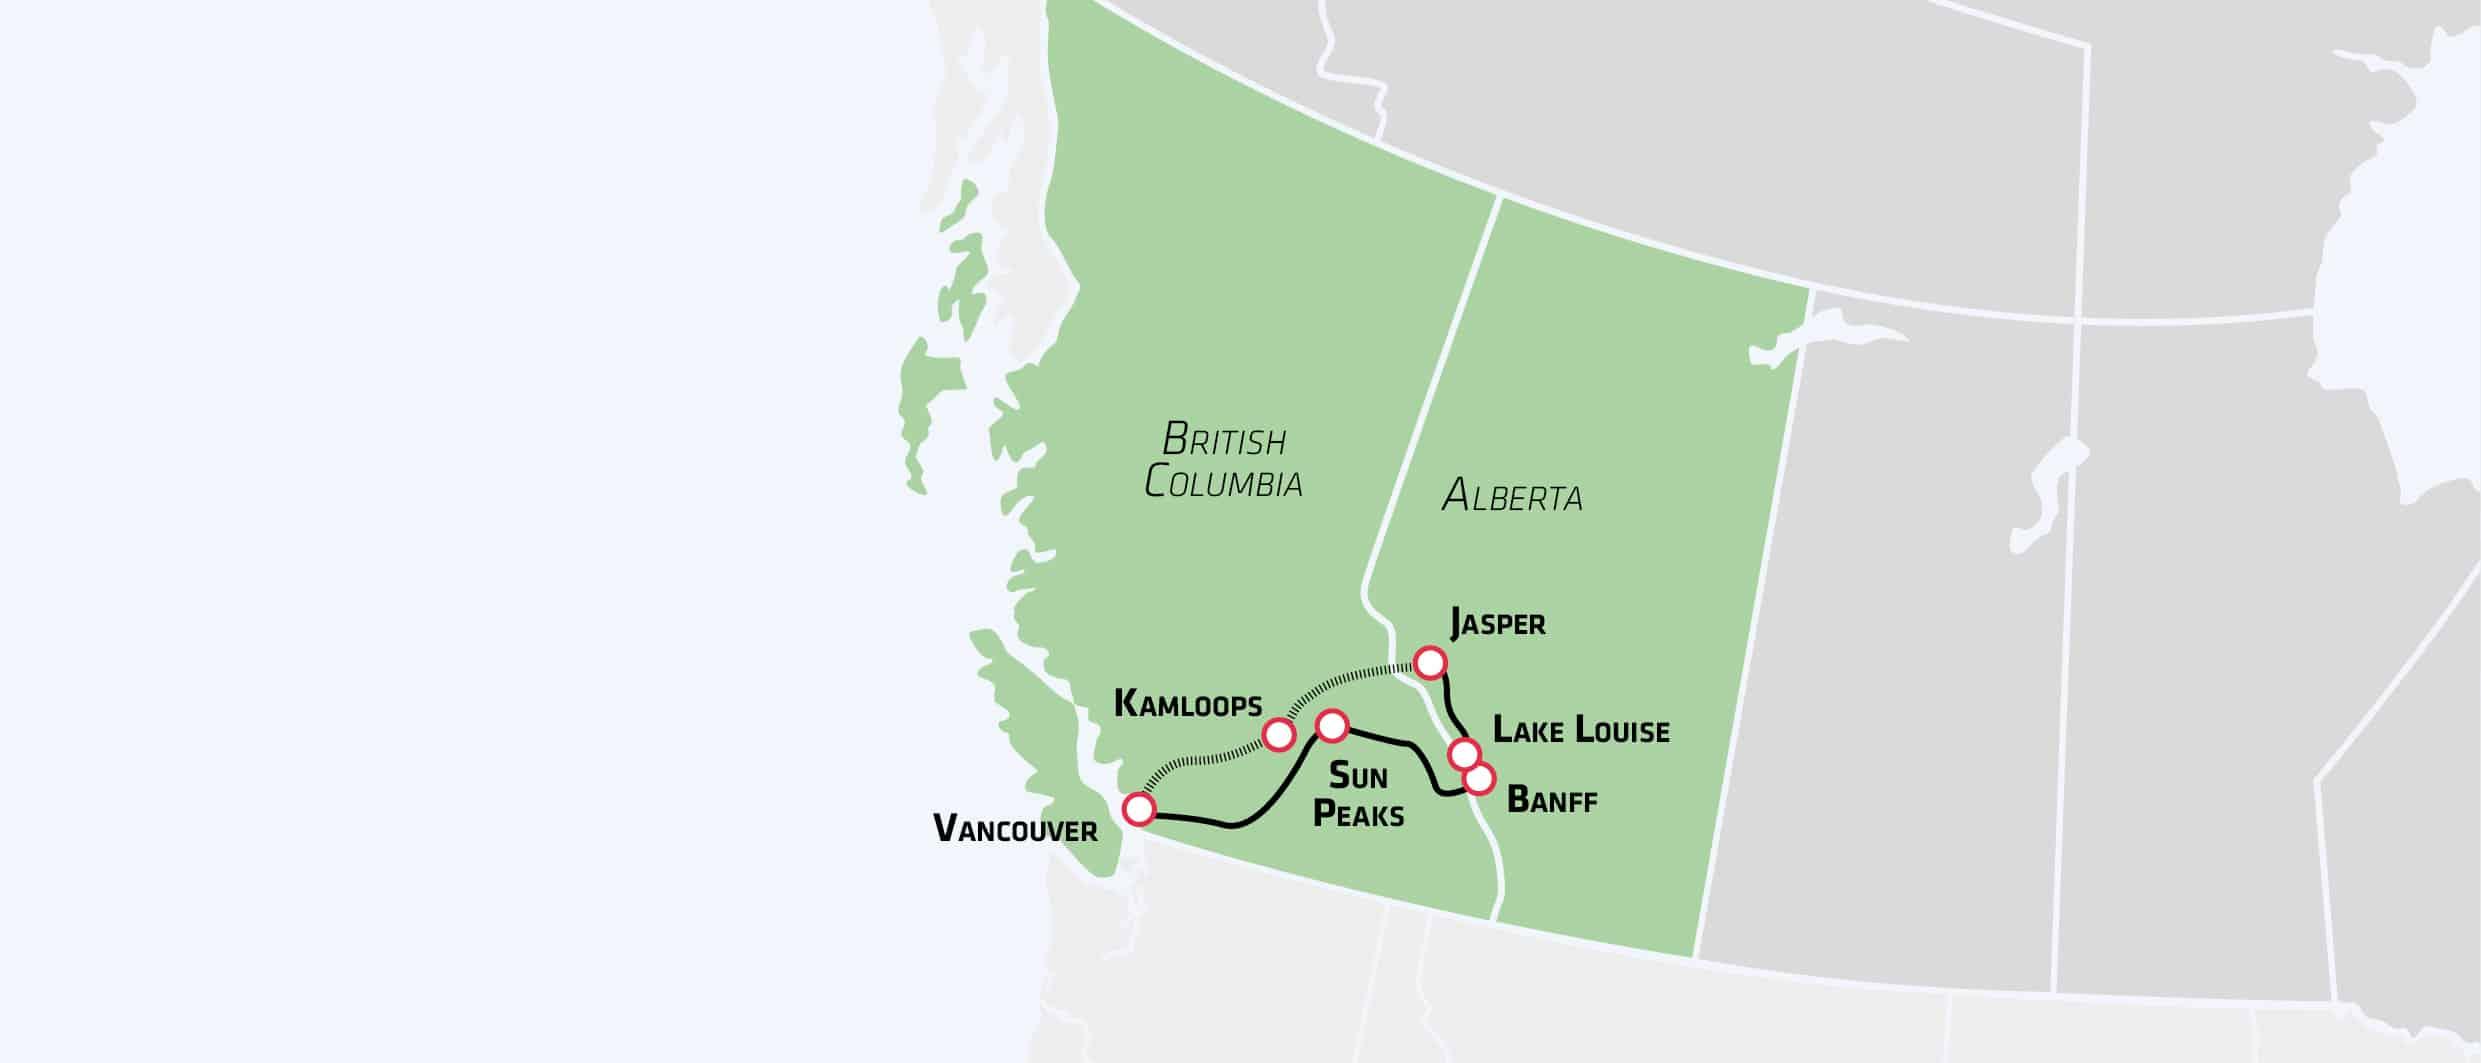 Rocky Mountains i bil og tog - kør-selv-ferie - Risskov Rejser